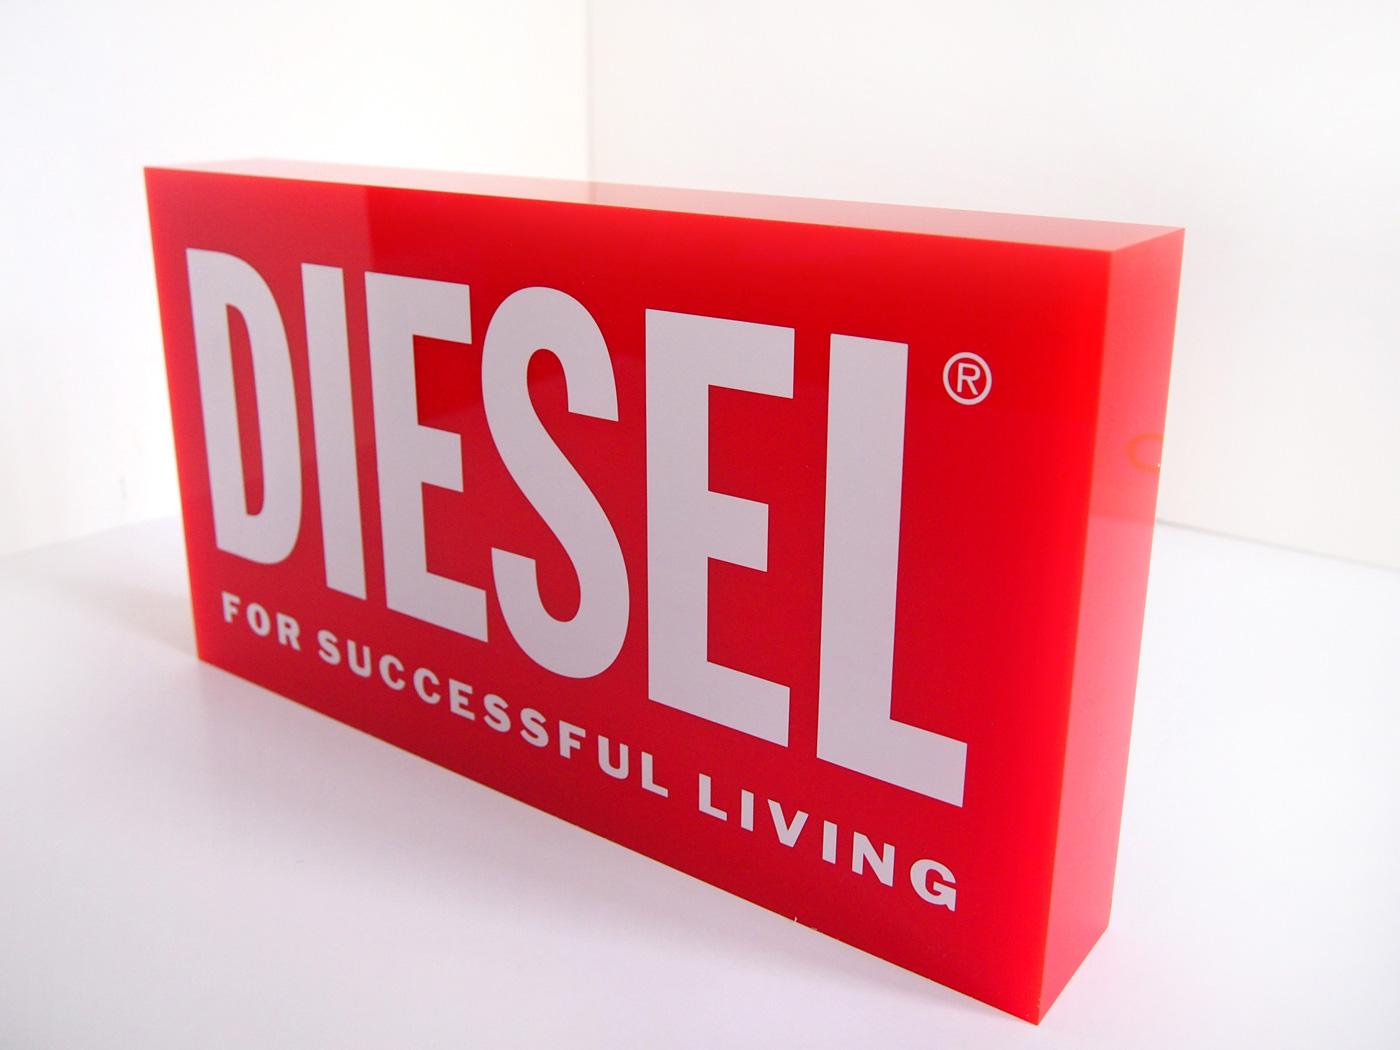 diesel_red_acryl_2